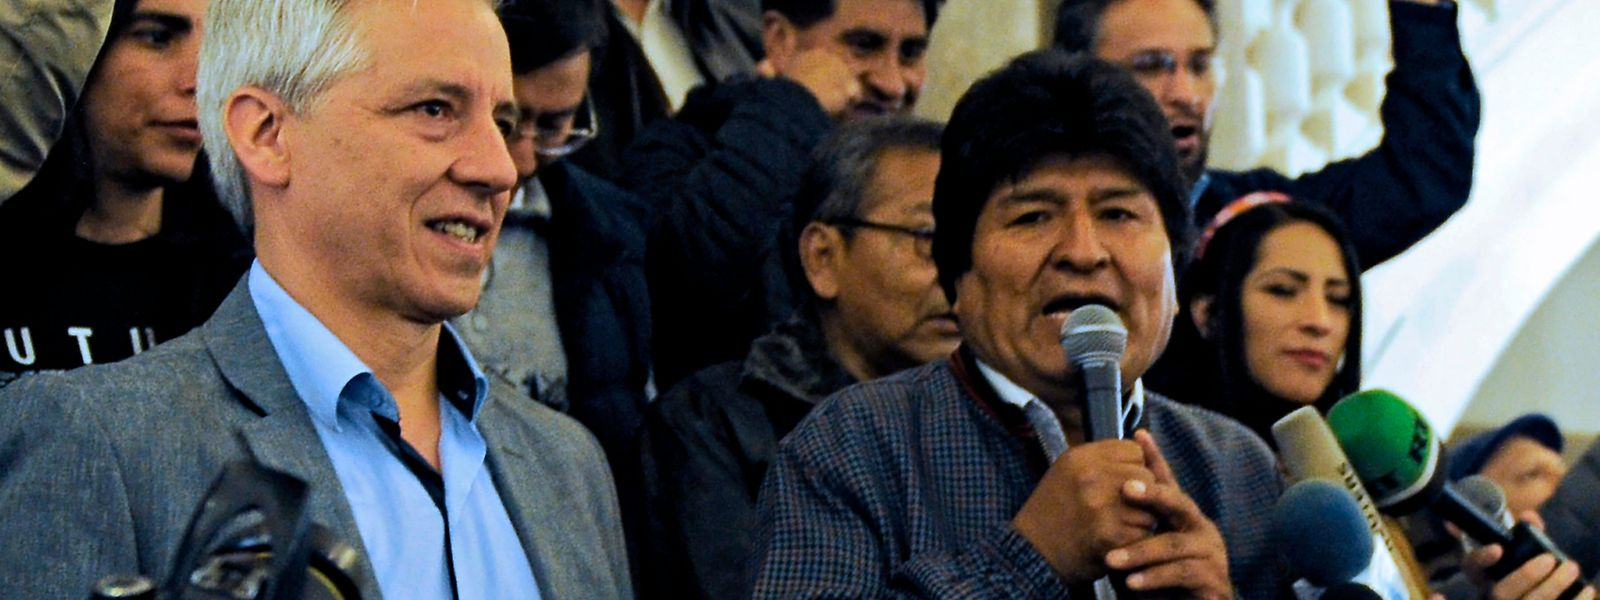 Der bolivianische Präsident Evo Morales (r., mit Vizepräsident Álvaro Marcelo García Linera) spricht nach Bekanntwerden von Teilergebnissen der Präsidentschaftswahl zu Anhängern.